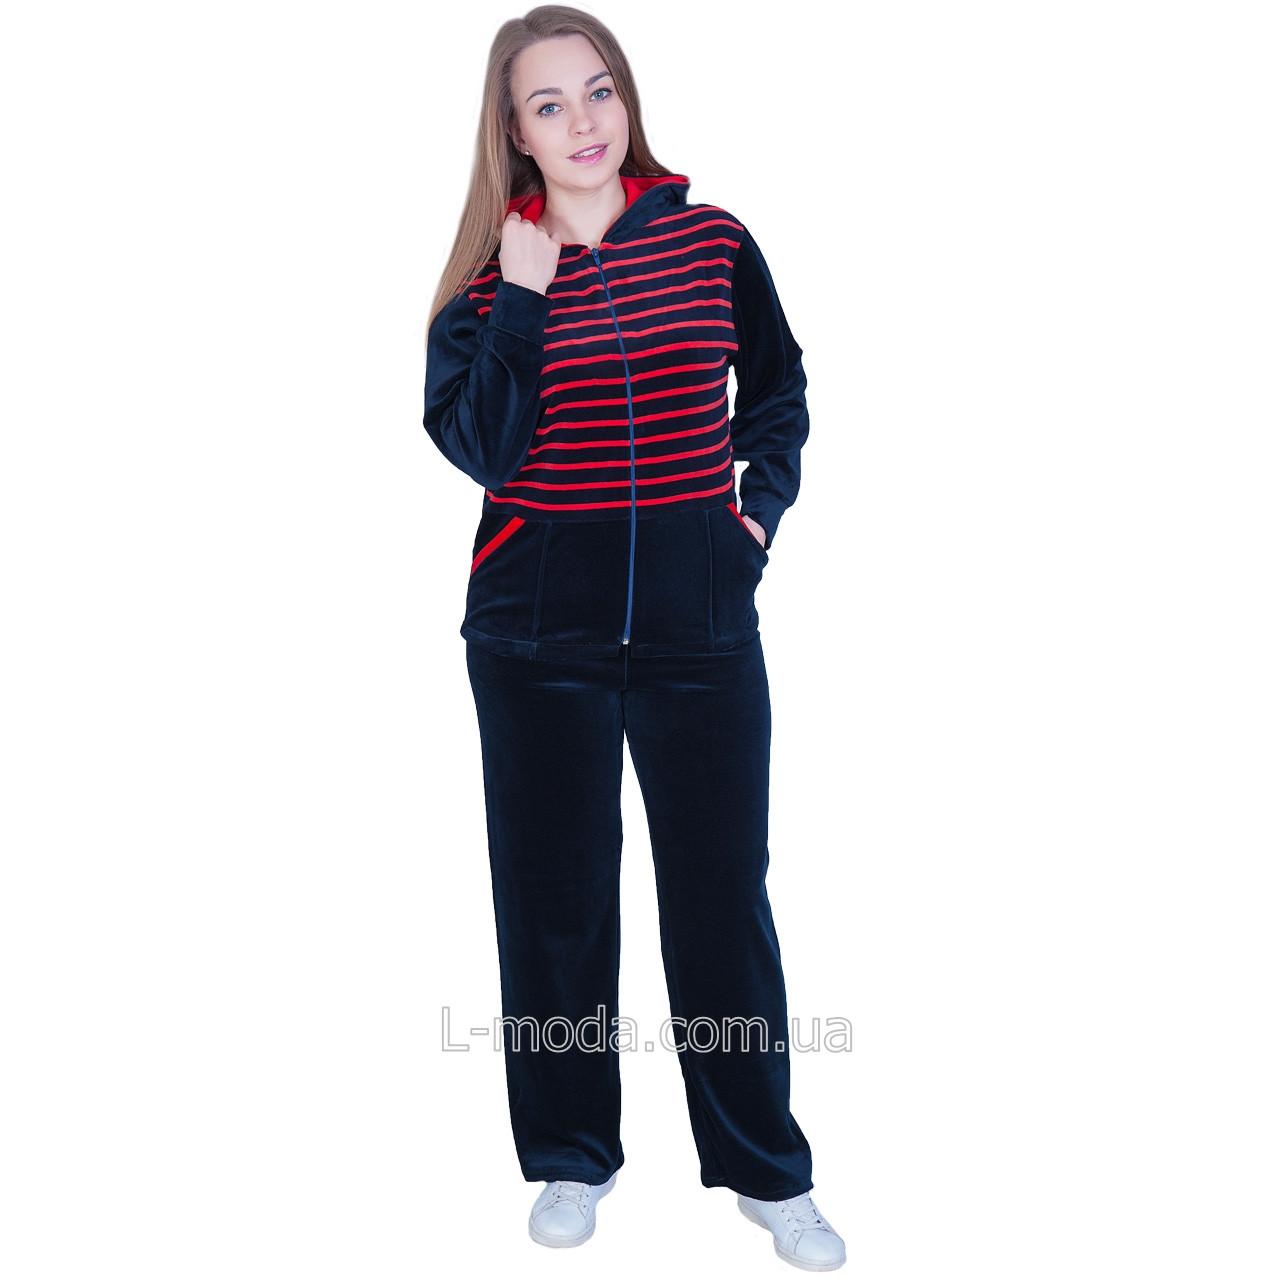 67fce4f5313 Спортивный костюм женский велюровый темно-синий - L MODA магазин женской  одежды